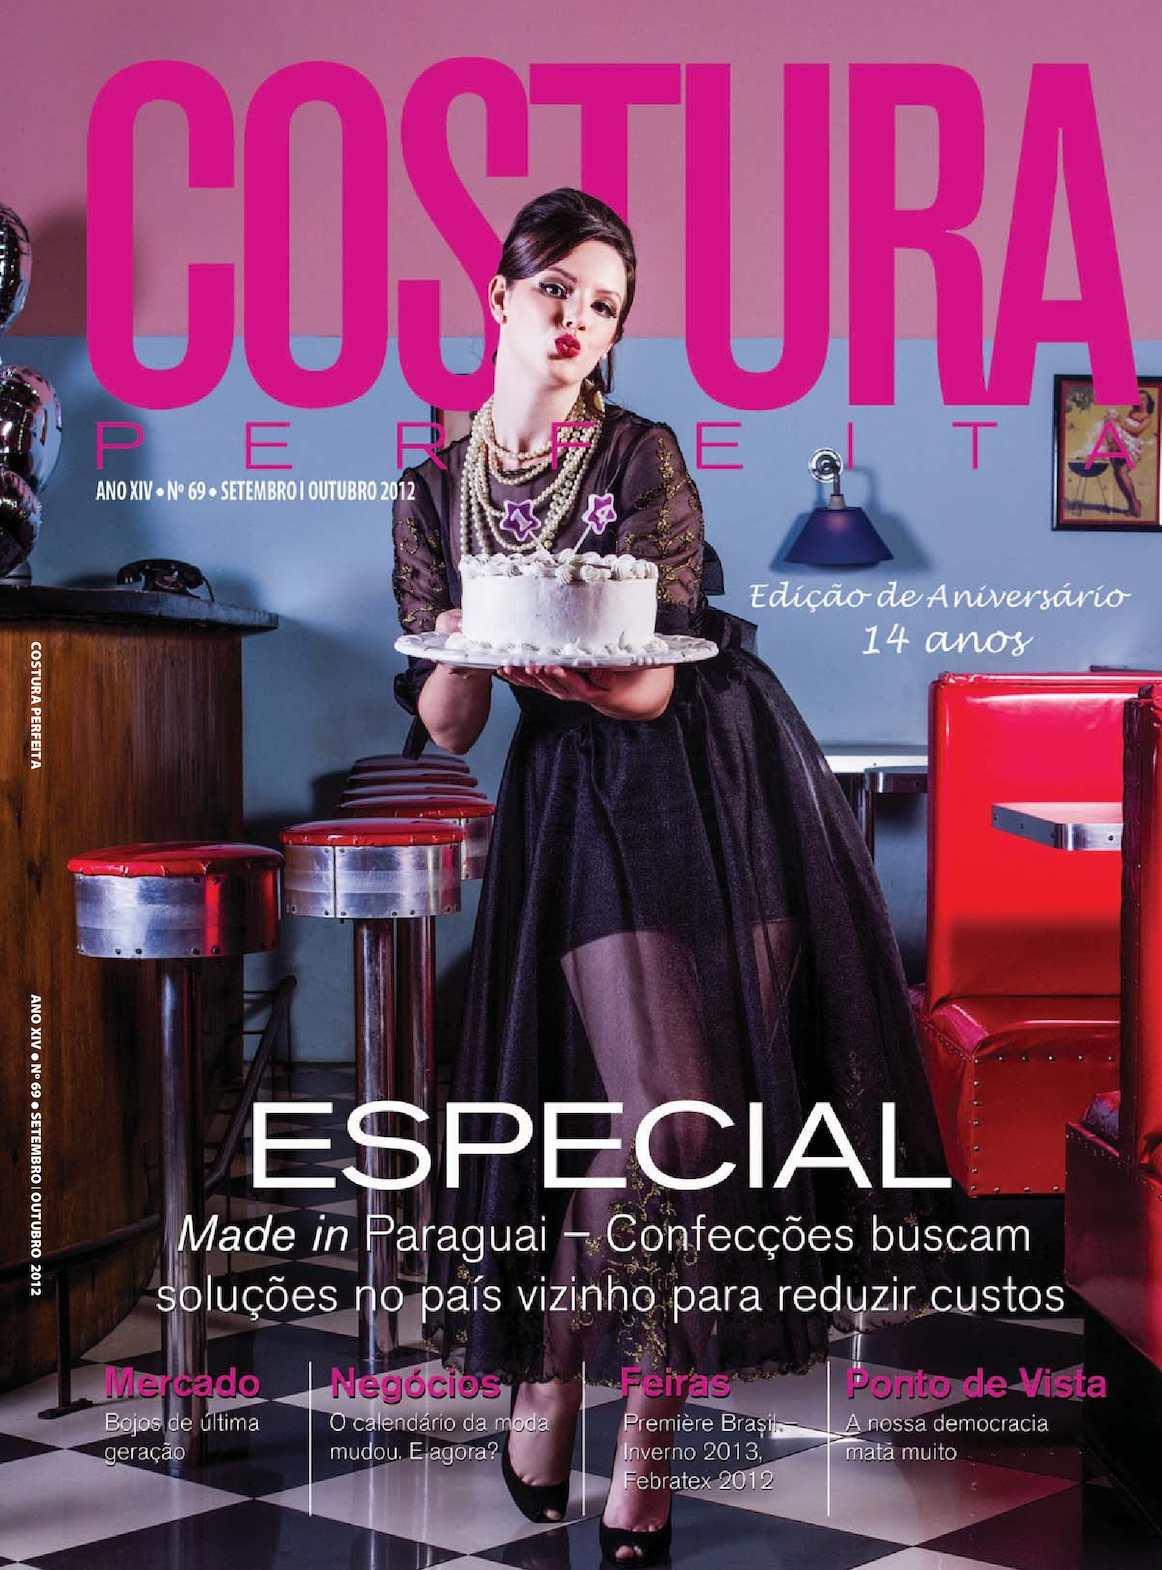 7f2cc473c Calaméo - Revista Costura Perfeita Edição Ano XIV - N69 - Setembro-Outubro  2012